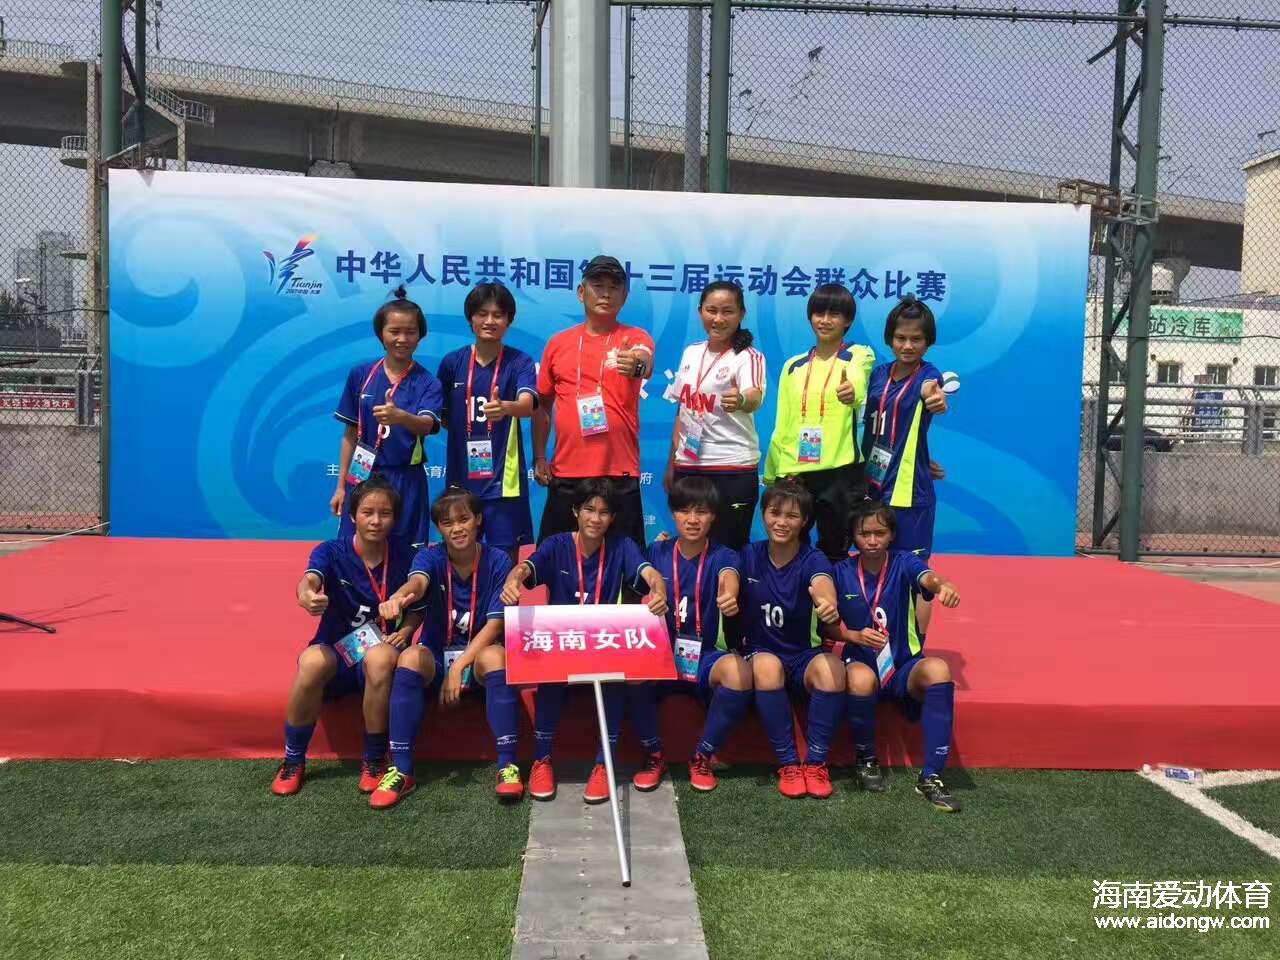 海南笼式足球男、女足晋级1/4决赛   明日将迎战内蒙古、四川